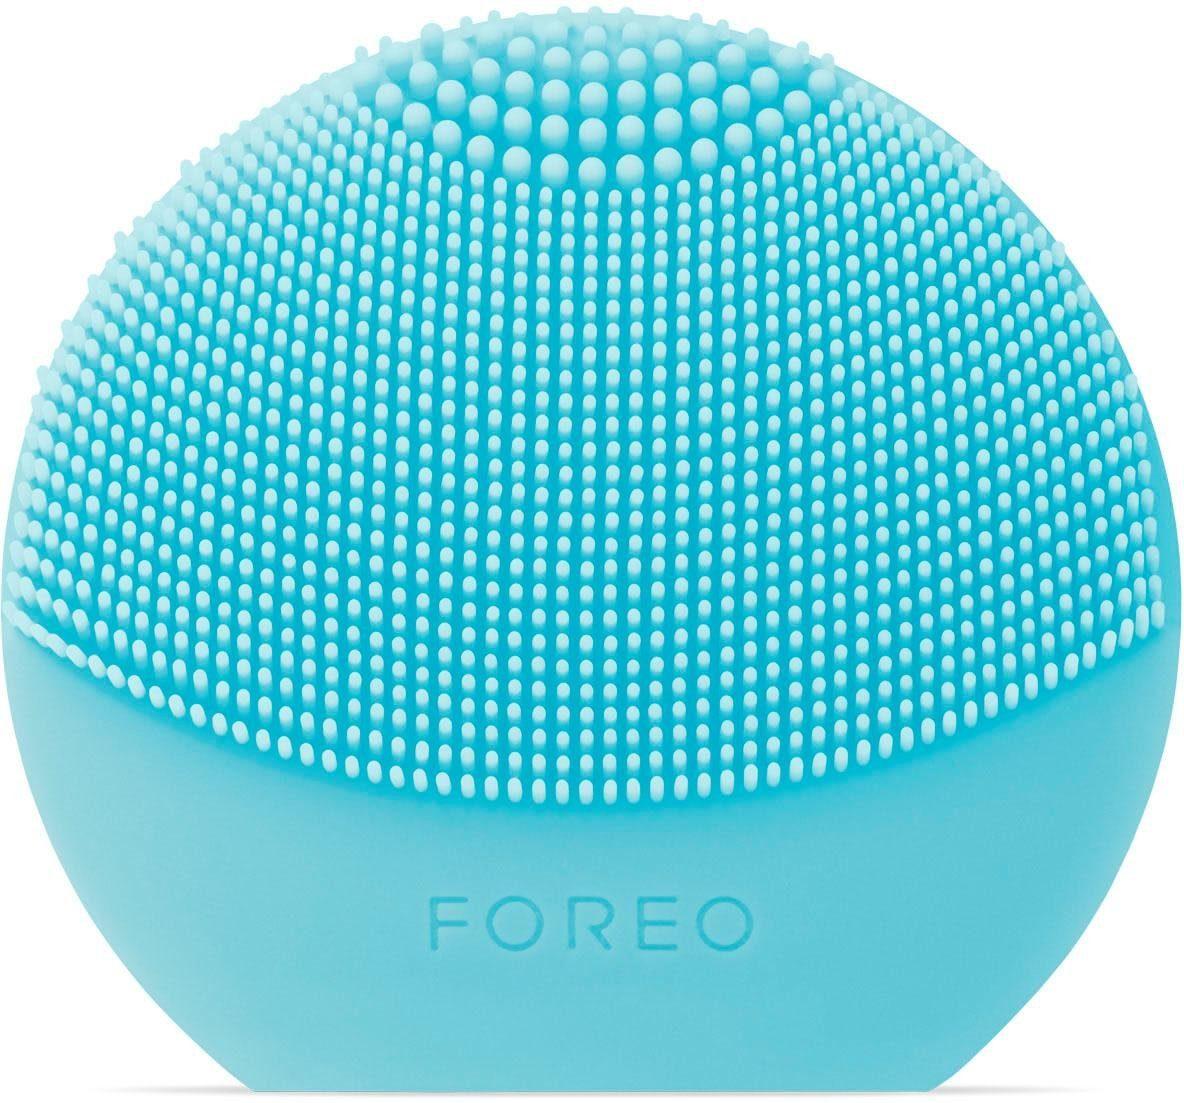 FOREO Gesichtsreinigungsbürste LUNA play plus Mint, für jeden Hauttyp geeignet, austauschbare Batterie